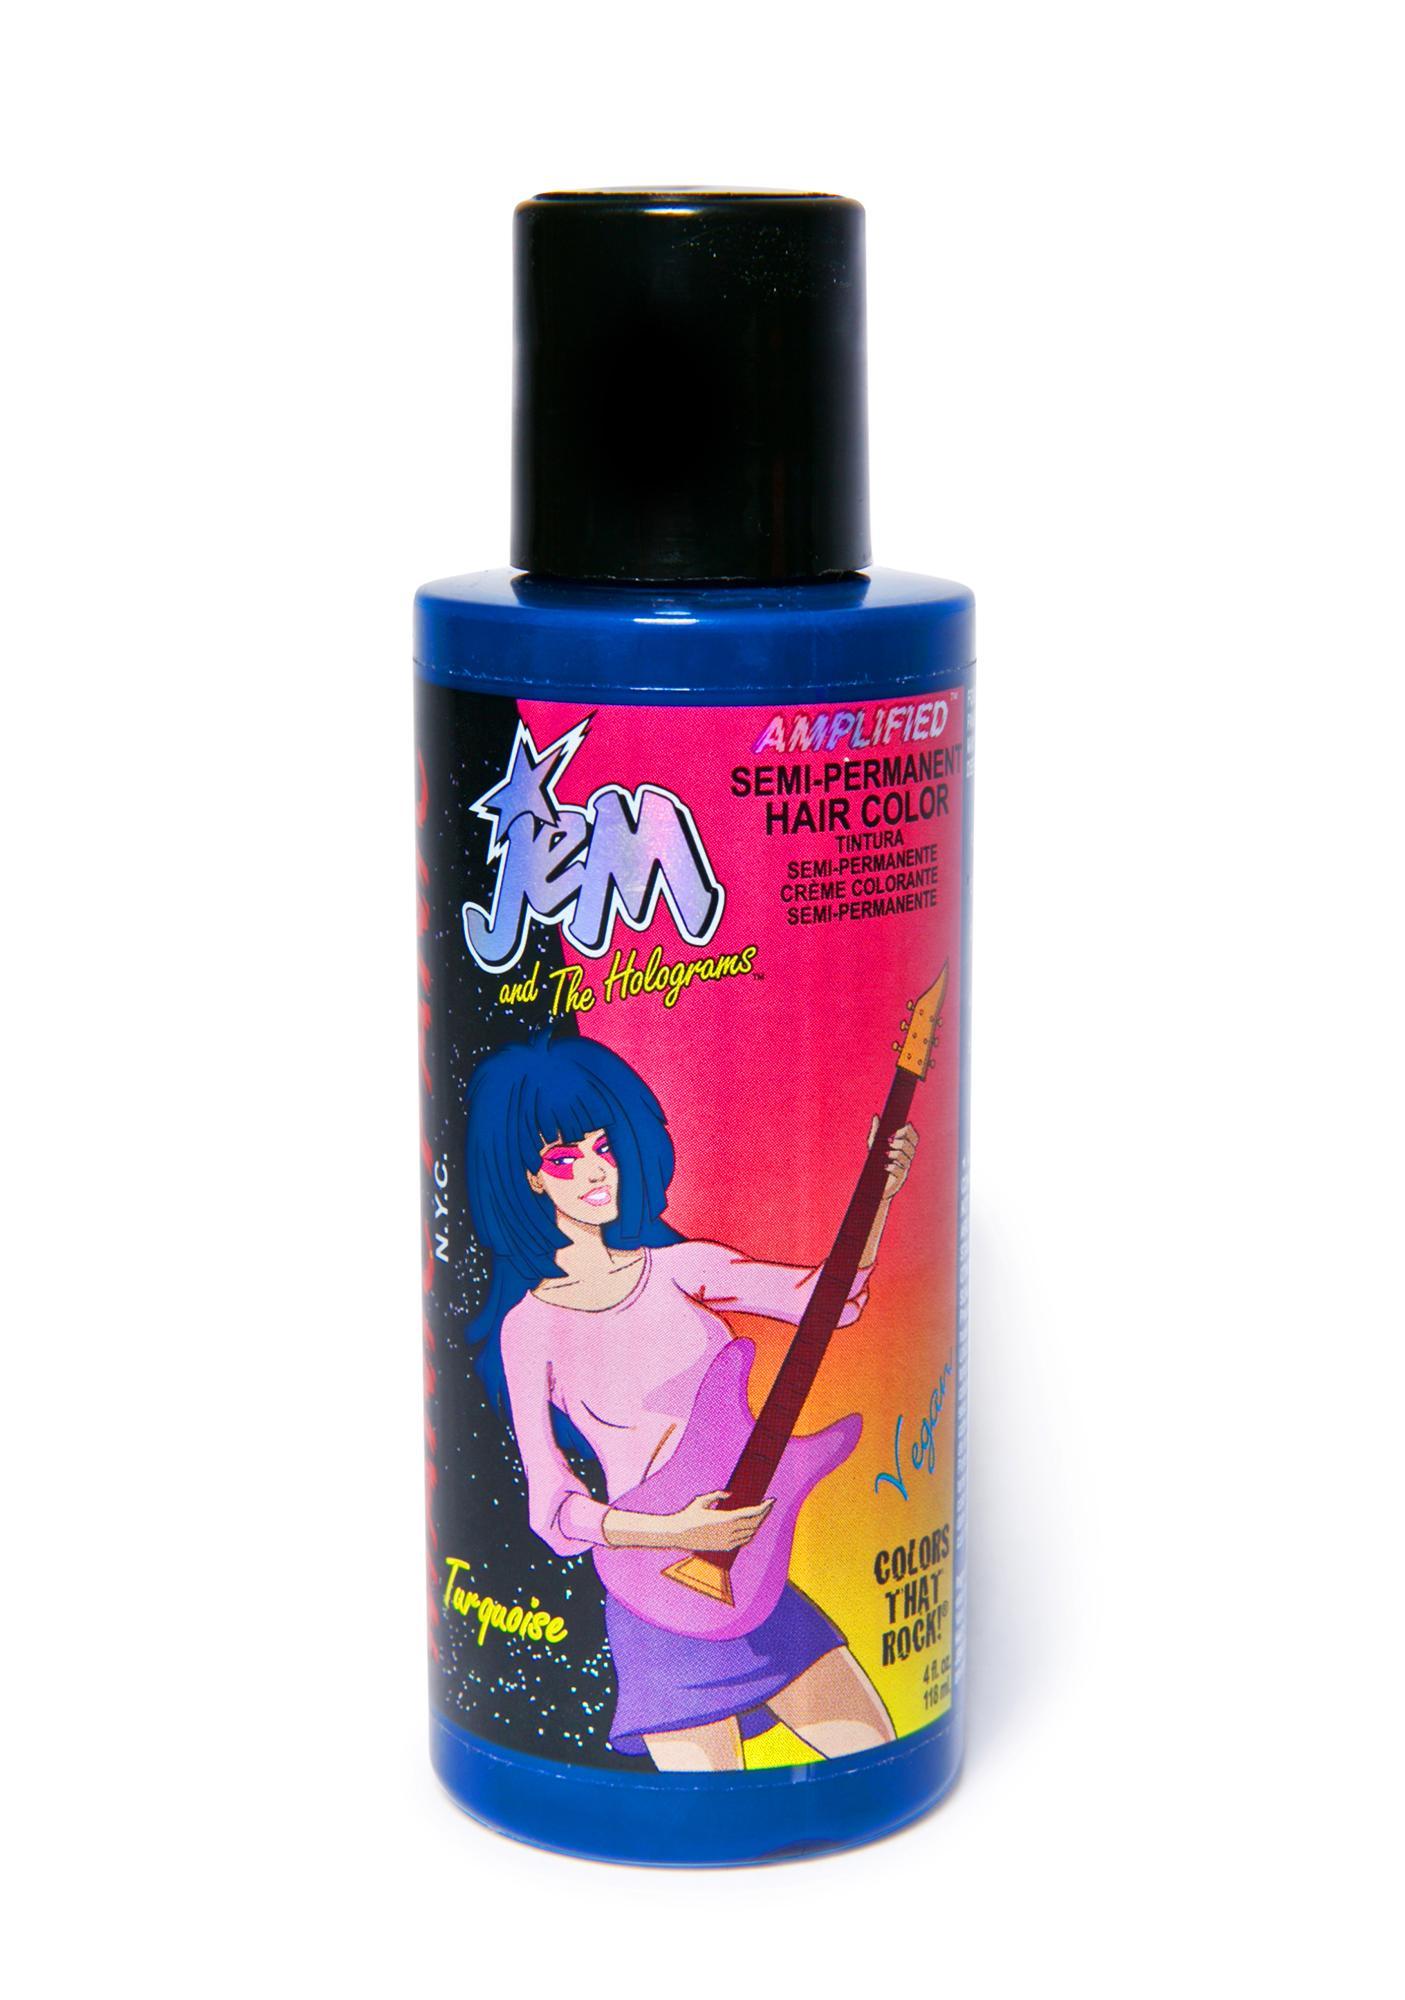 Manic Panic JEM Amplified Turquoise Hair Dye